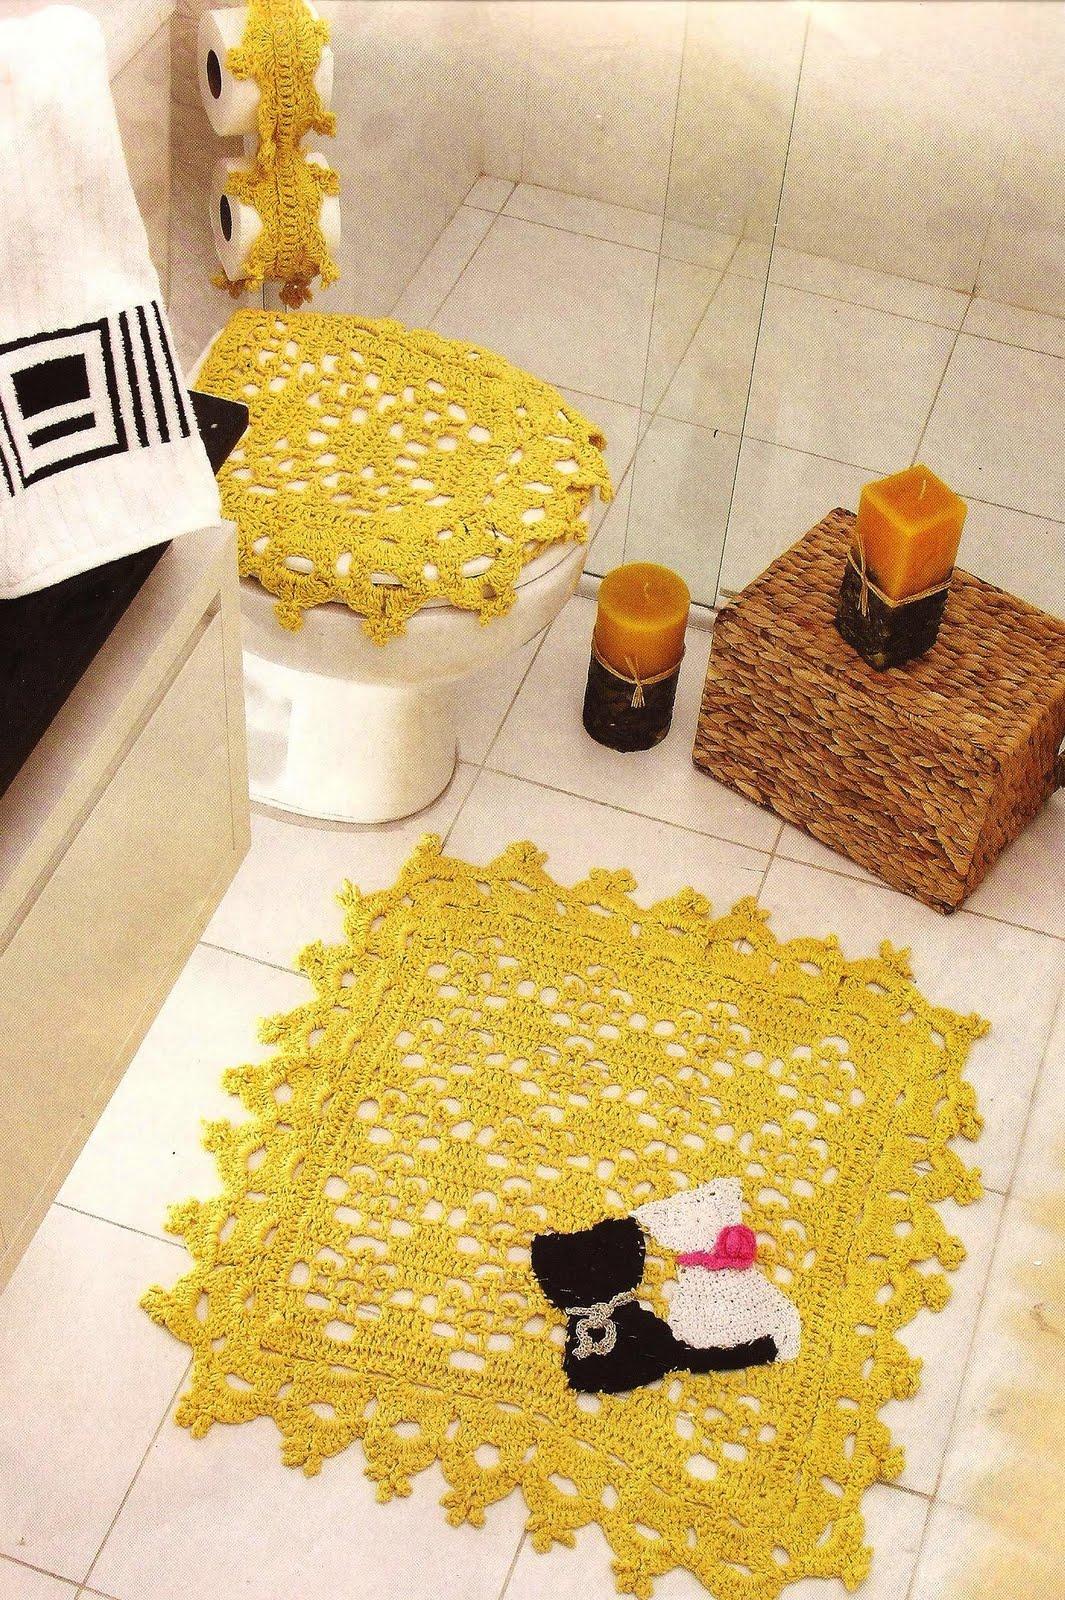 Barbantes São Francisco: Tons vibrantes Kit para banheiro Amarelo #AE8F1D 1065 1600